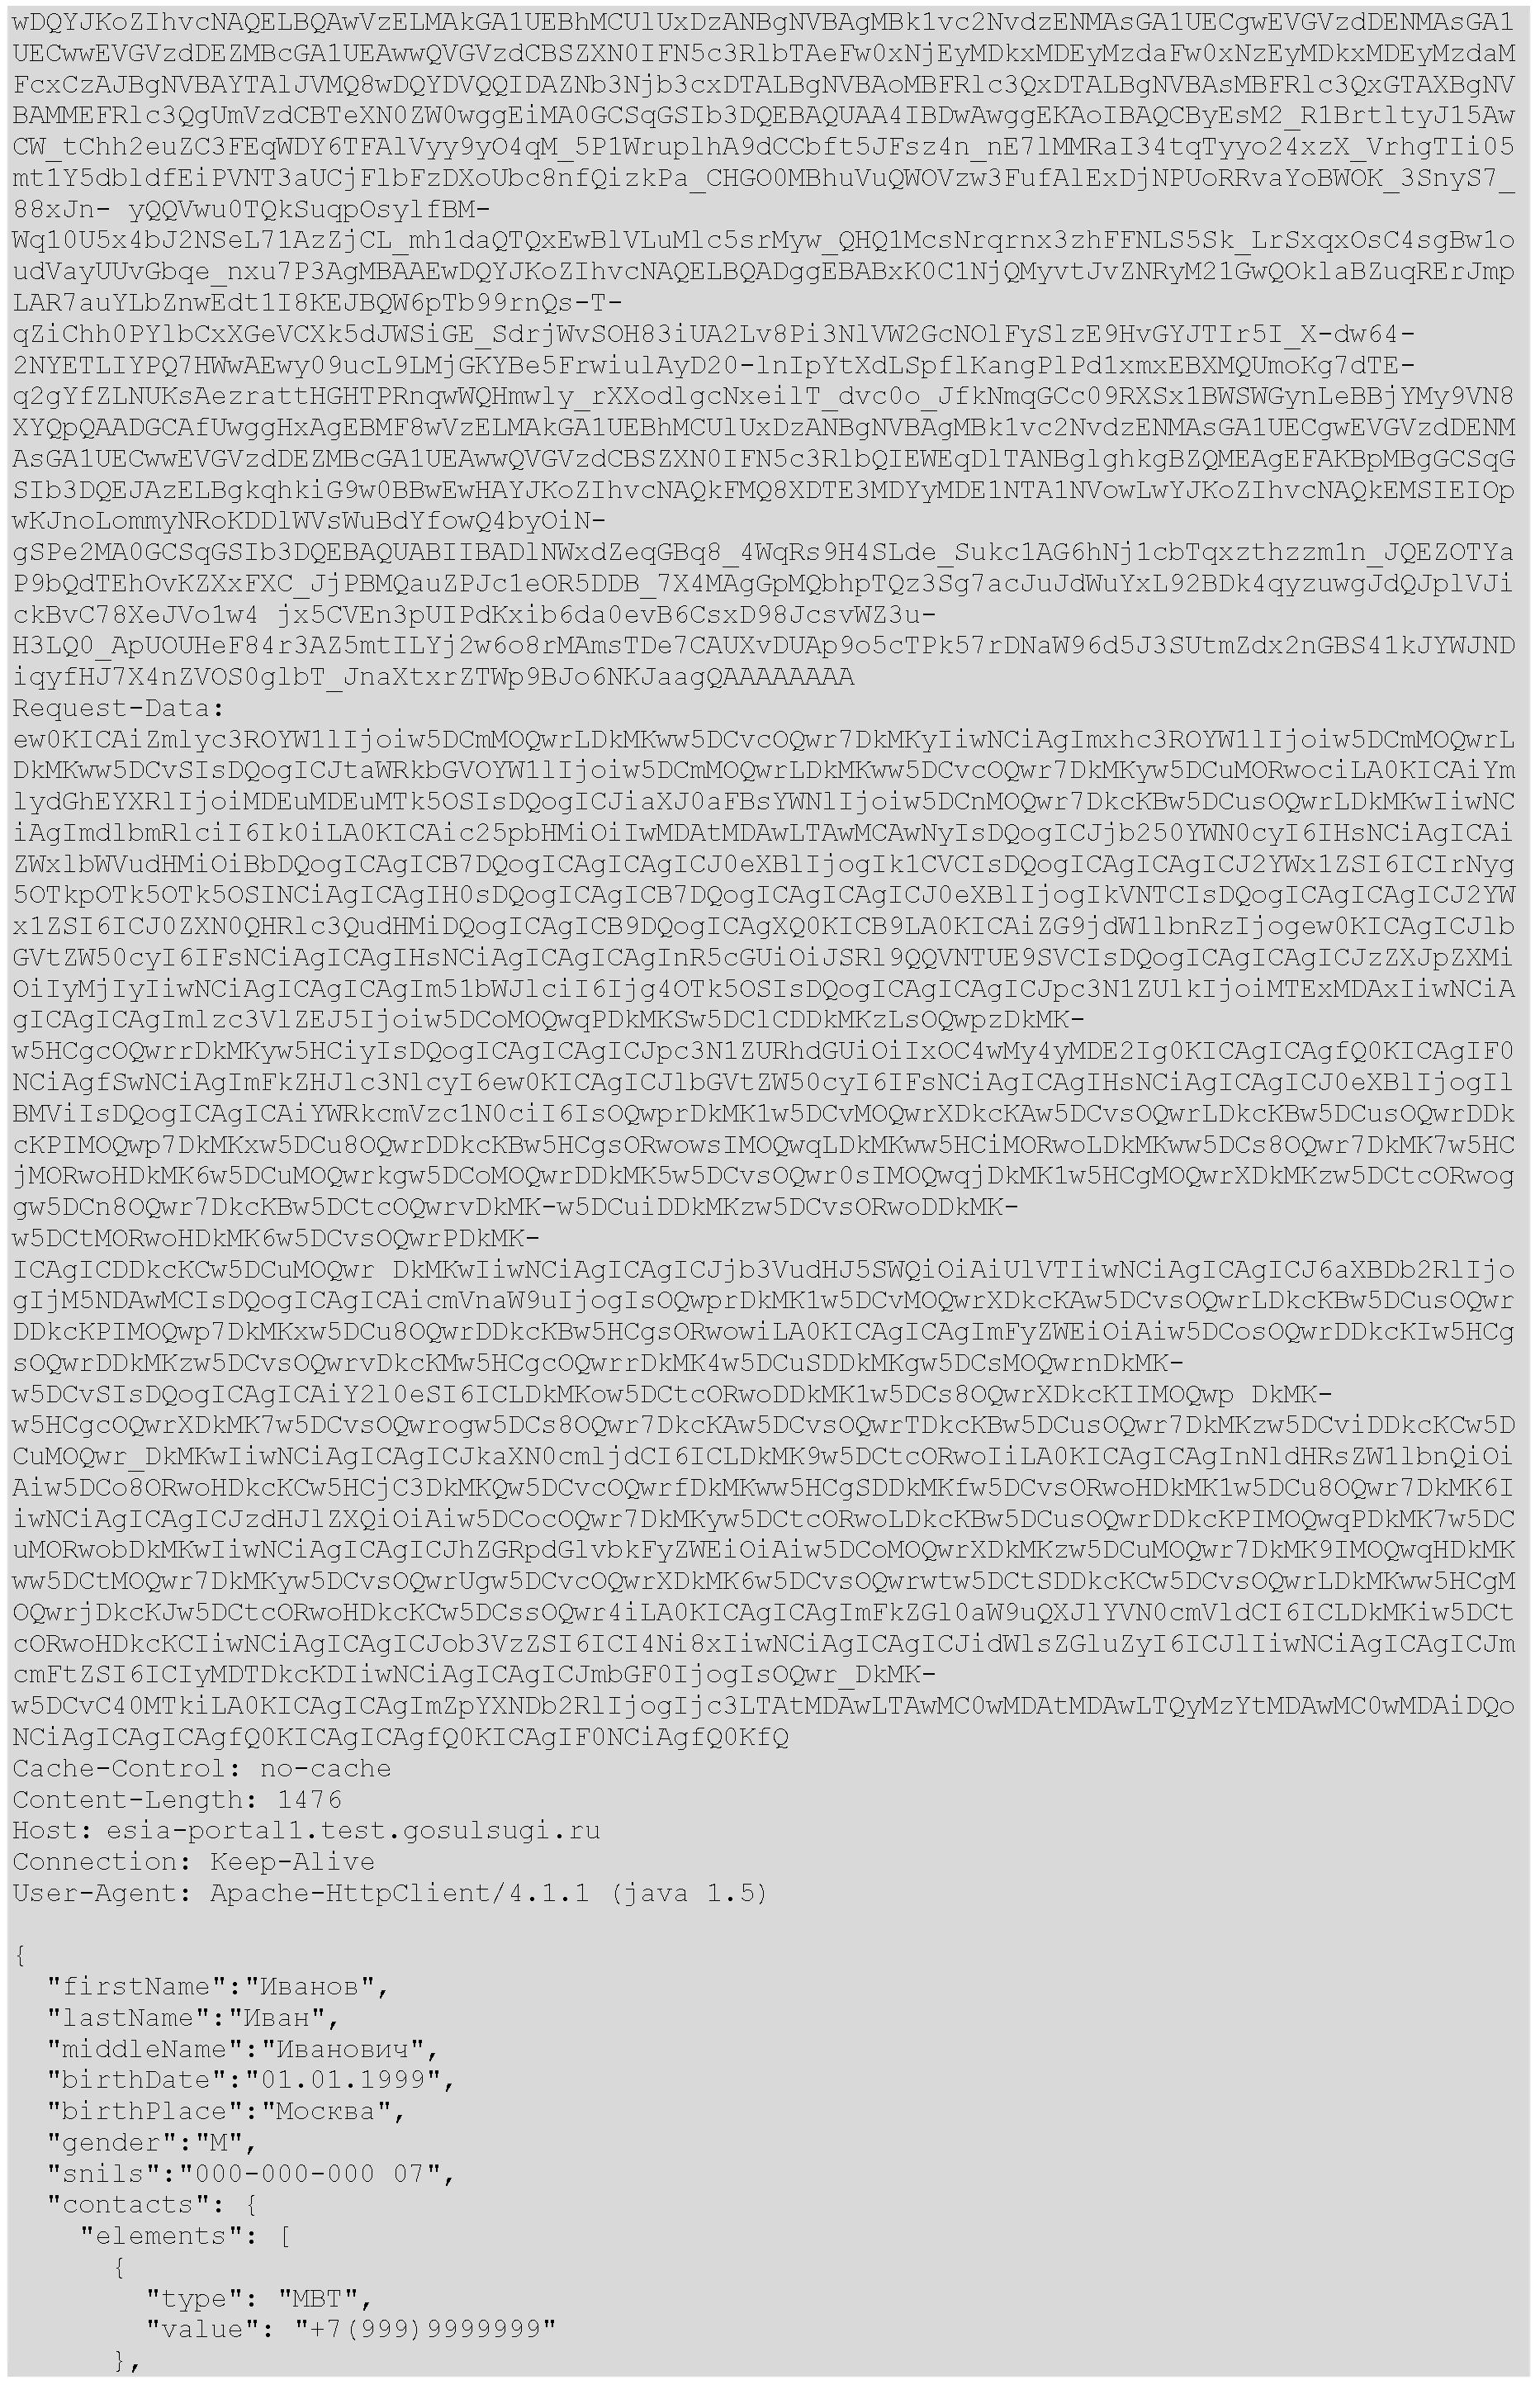 6a321e46d364 По полученным данным в ЕСИА выполняется поиск учетной записи. В зависимости  от того, найдена в ЕСИА учетная запись удовлетворяющая полученным данным  или нет ...